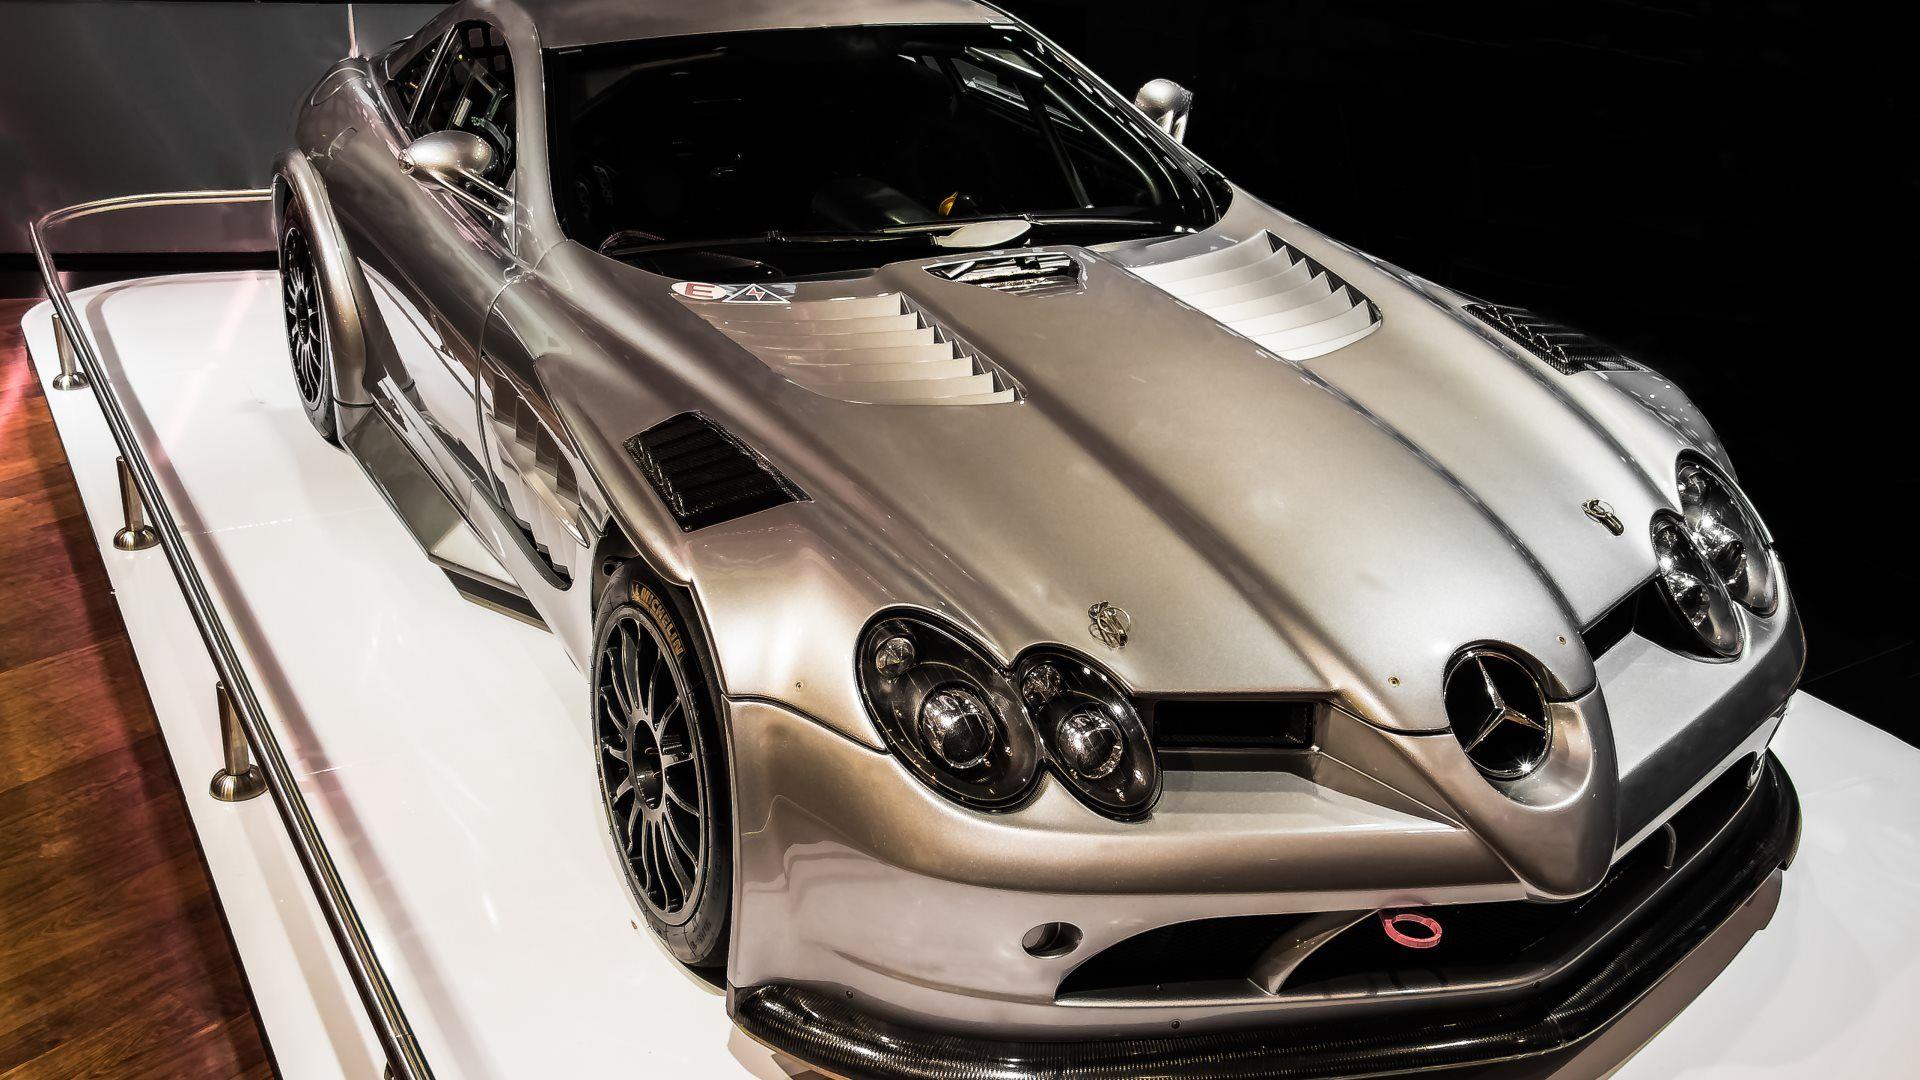 Mercedes Benz SLR GT Cars HD Wallpapers Pinterest